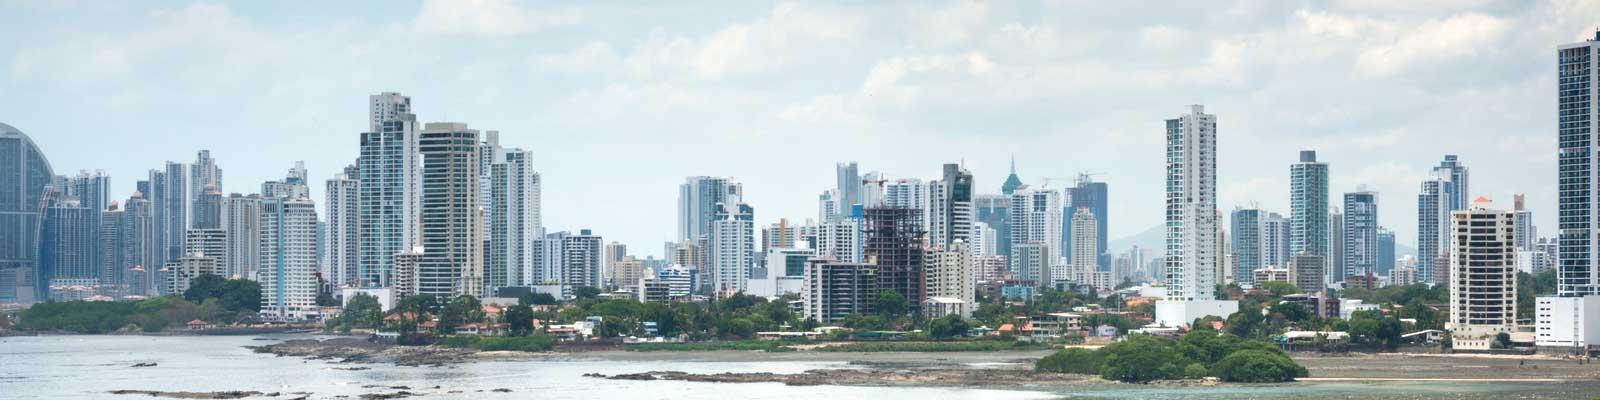 Panama Paisagem Cidade e Mar Comprar, Vender, Alugar, Casas, Apartamentos, Residencias.